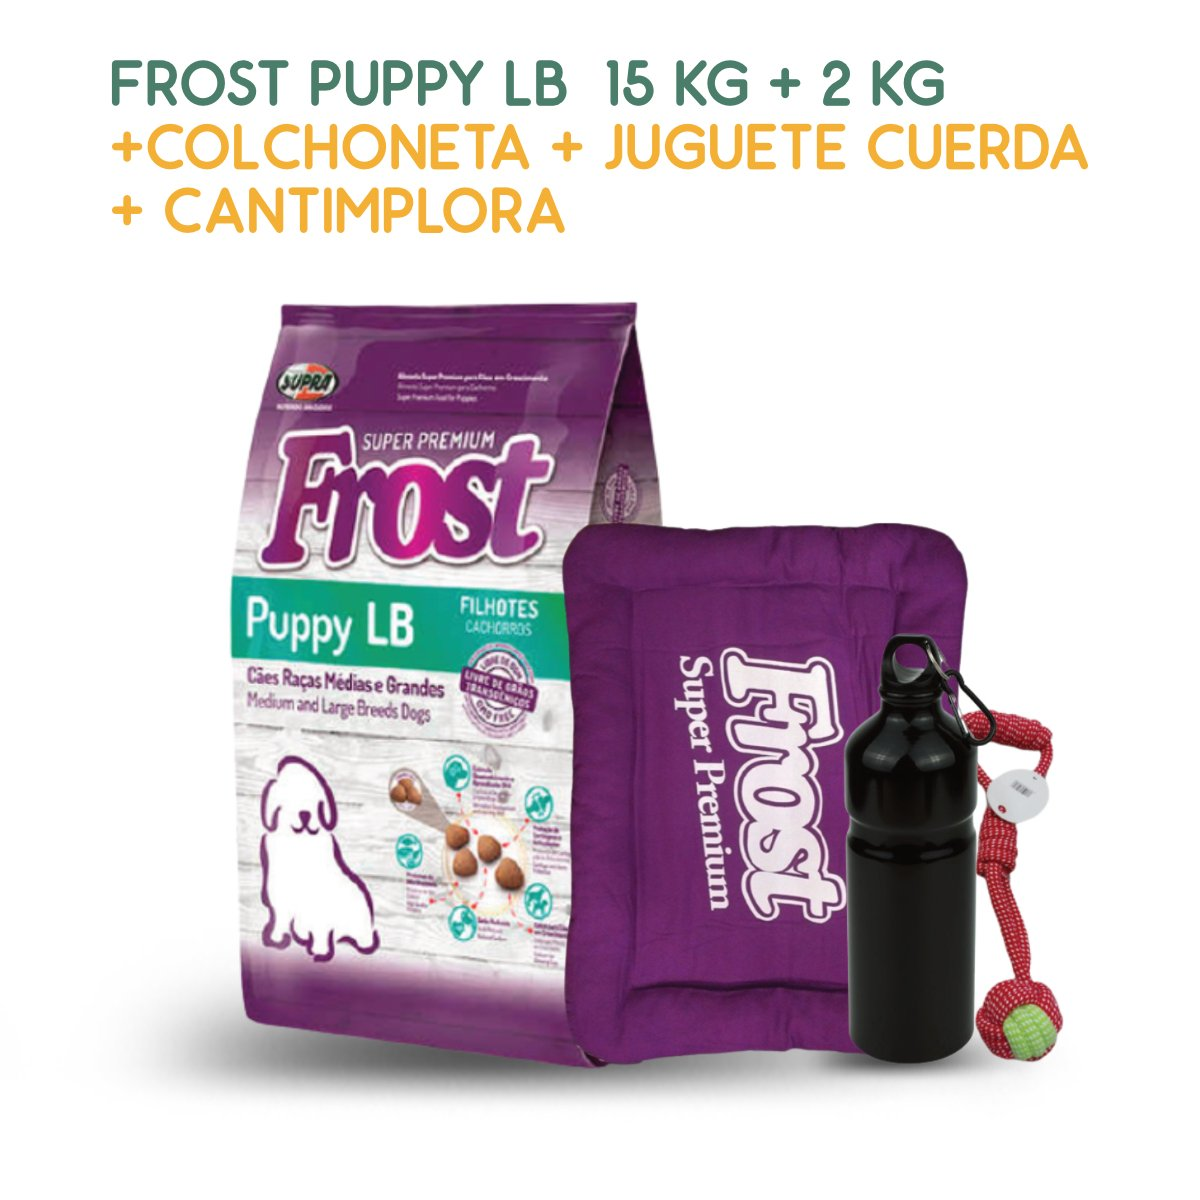 promo-frost-septiembre